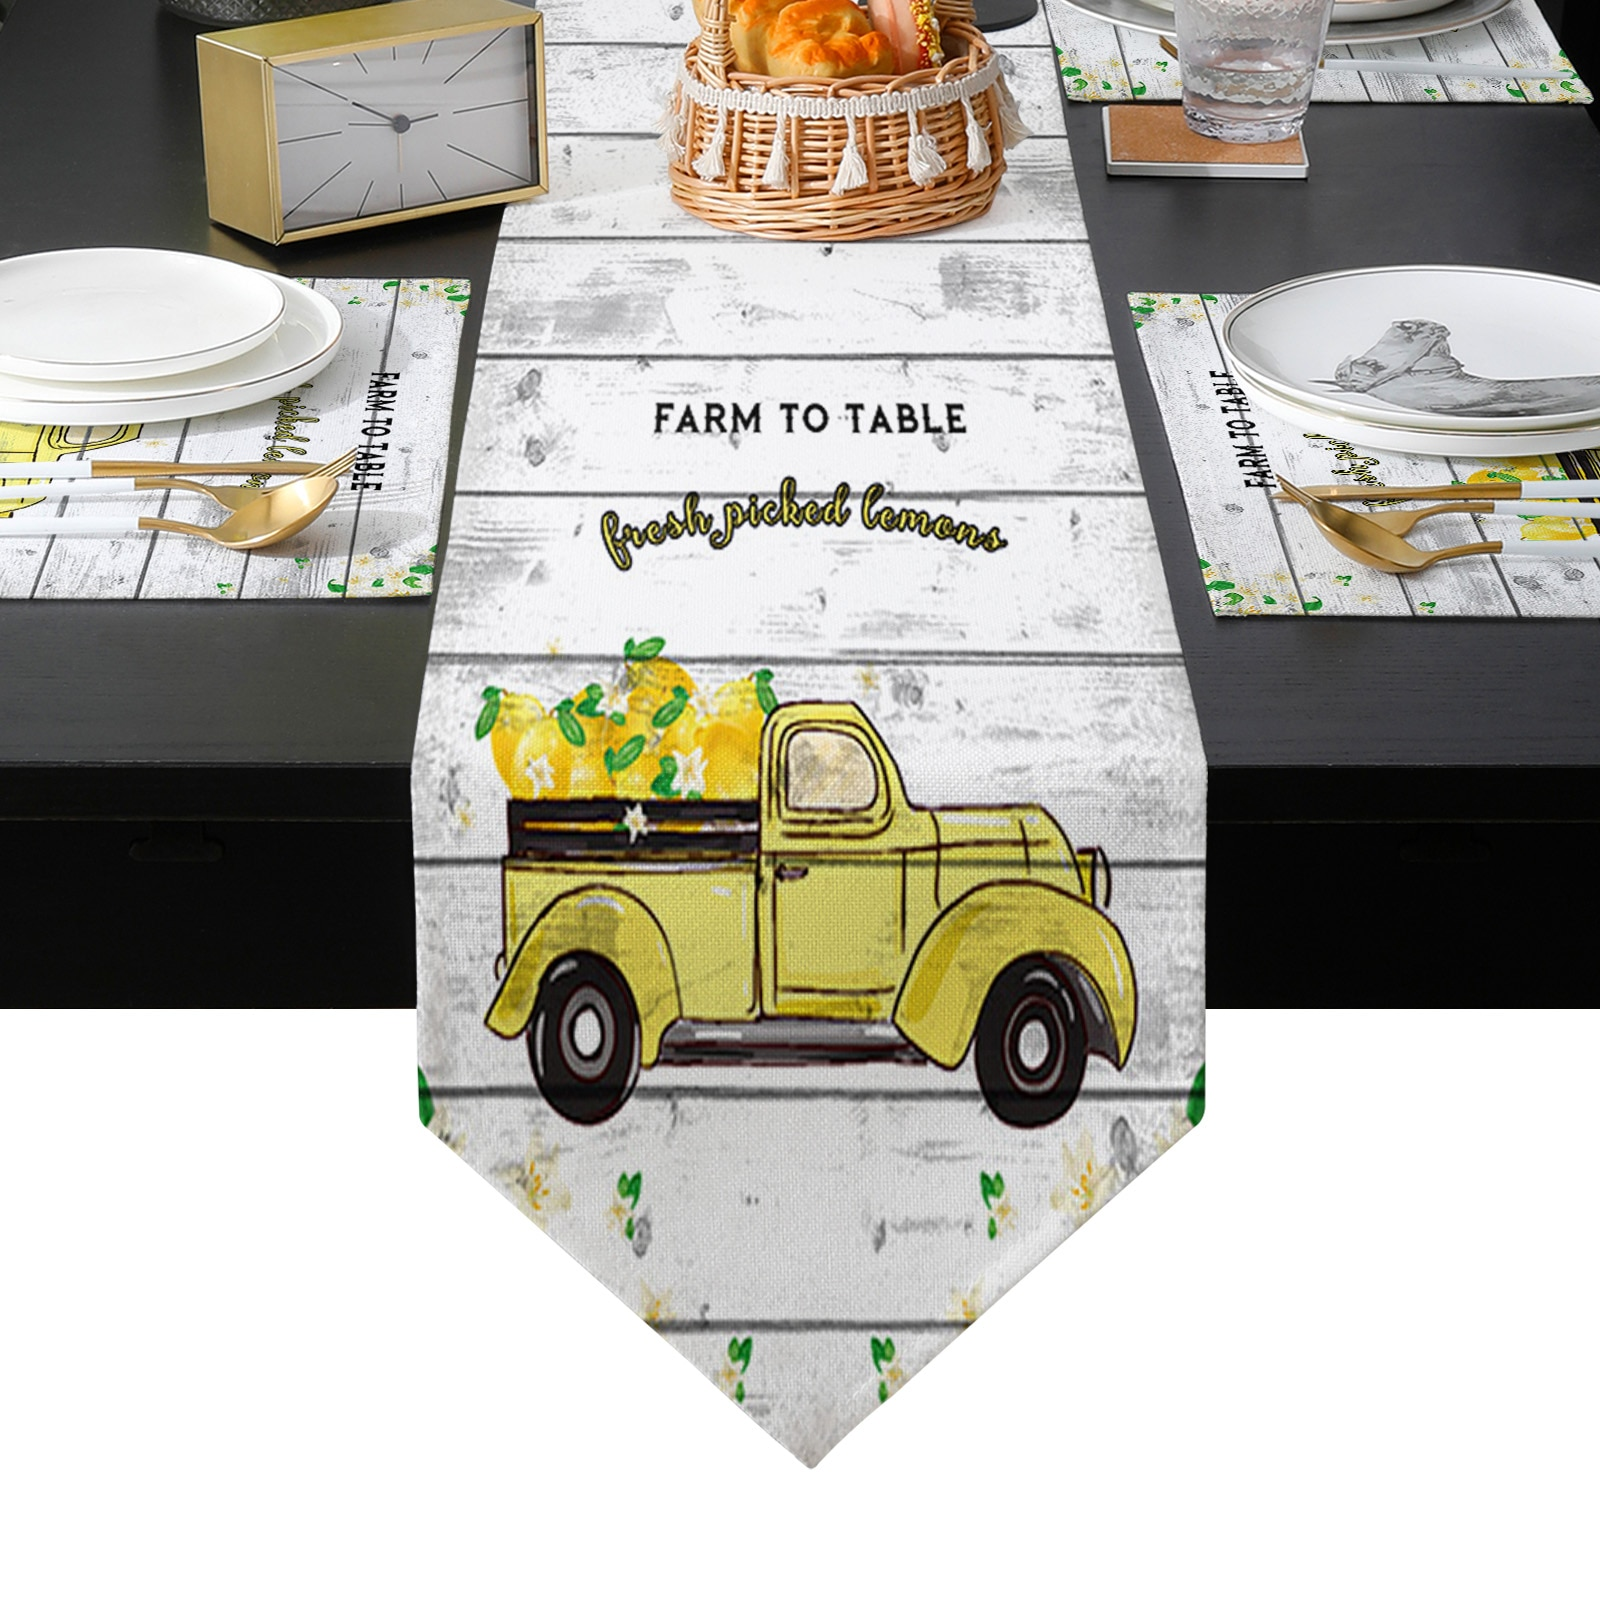 البلد الأمريكي نمط الليمون شاحنة طاولة من الخشب عداء المفارش مجموعة البلد الزفاف الجدول الديكور للمطبخ المنزل الطعام